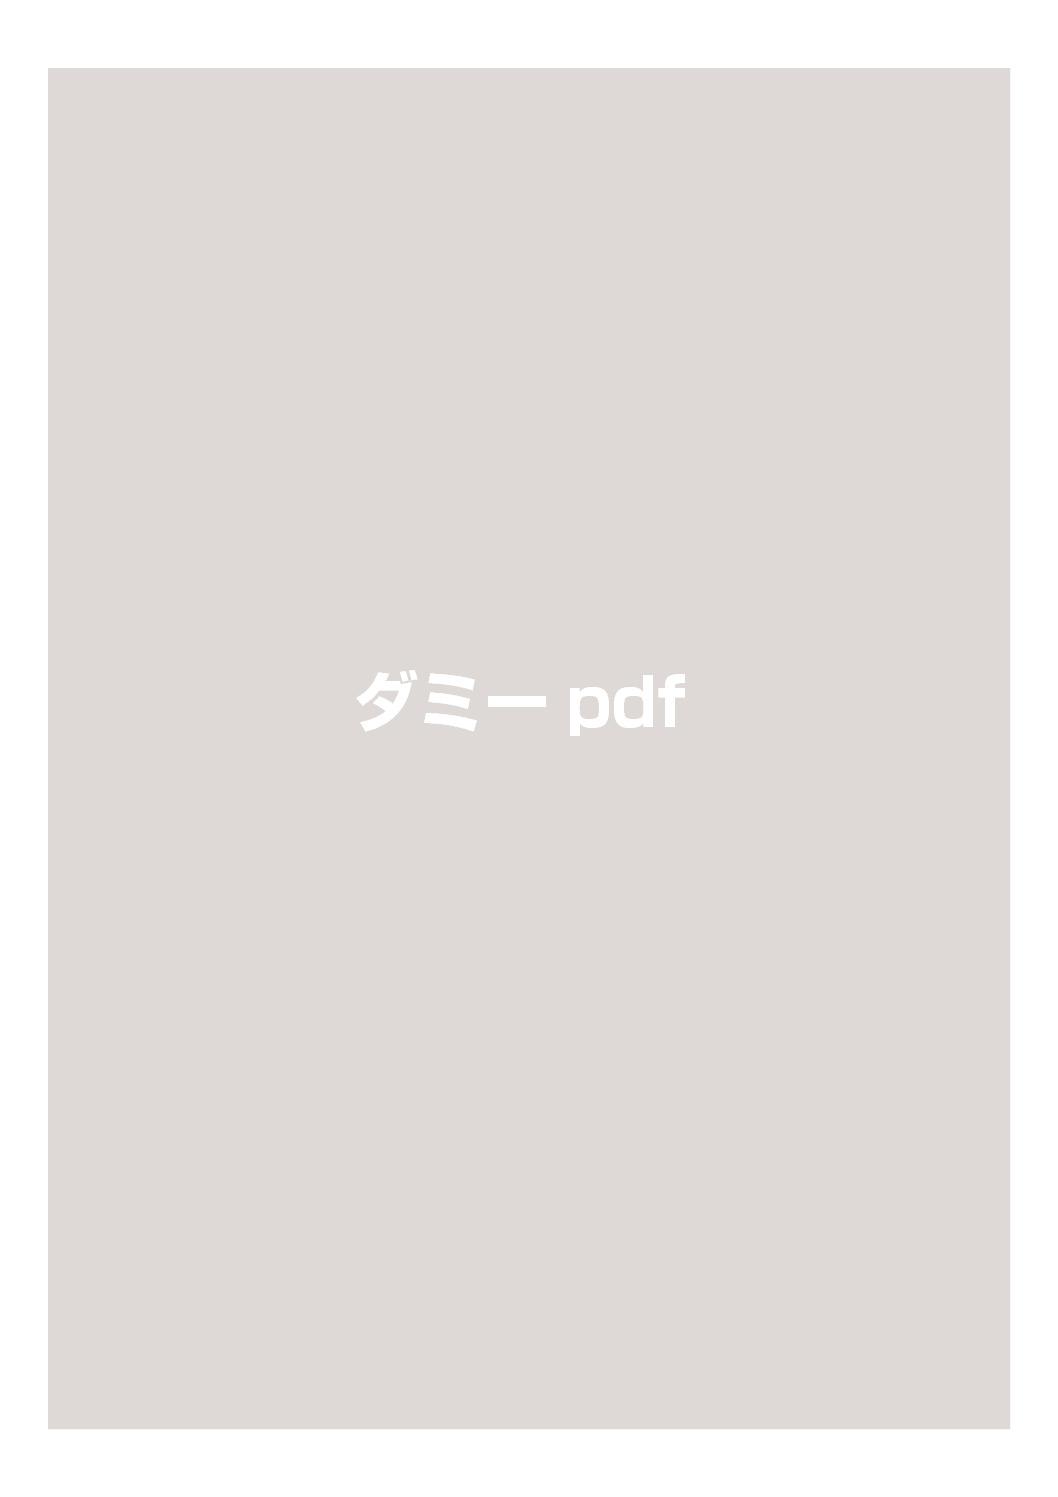 sample_pdfのサムネイル